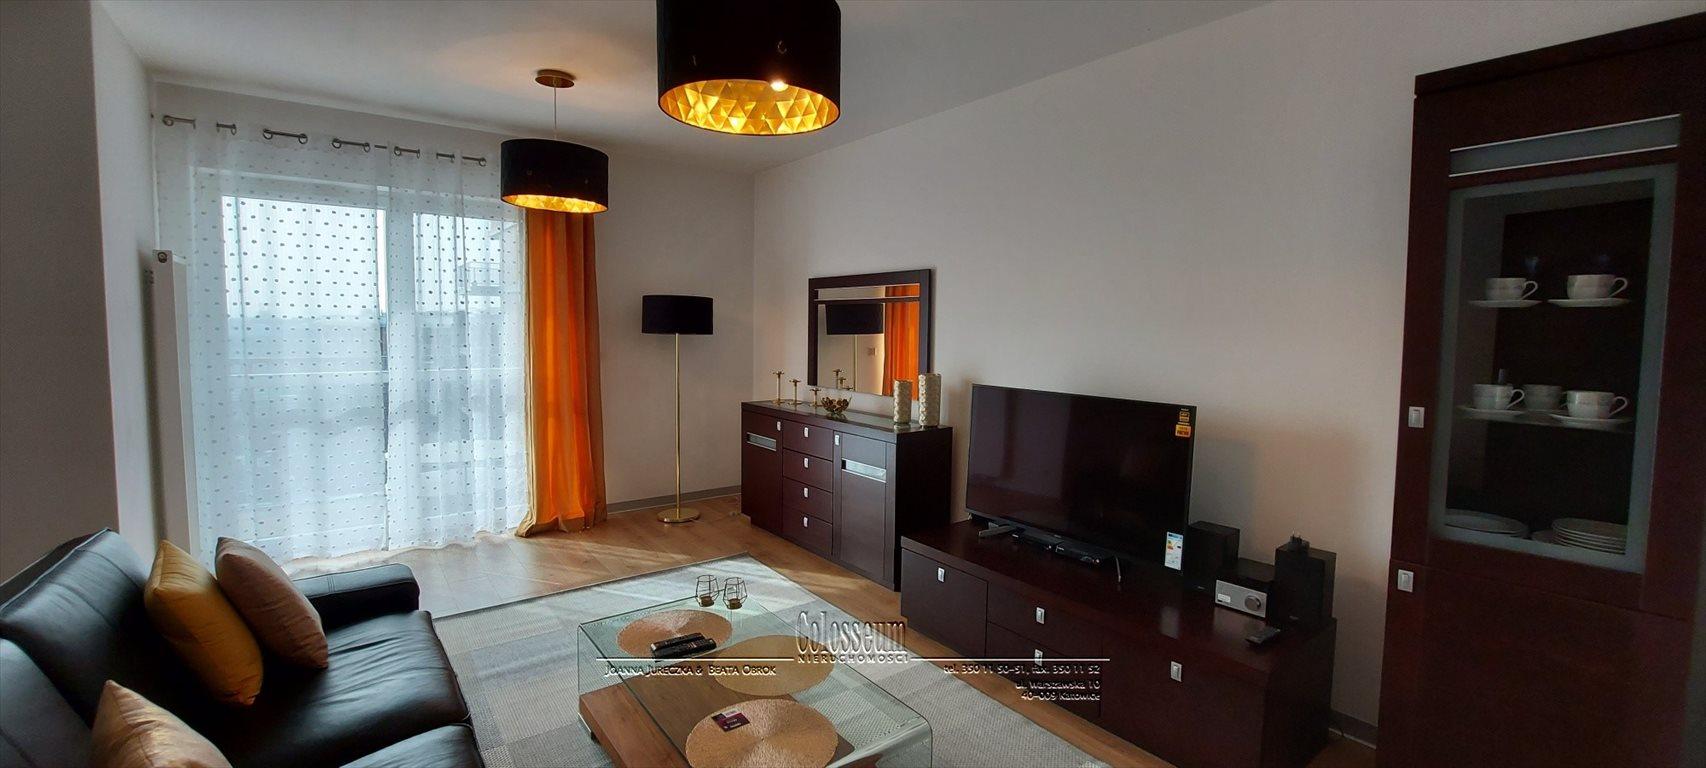 Mieszkanie trzypokojowe na wynajem Katowice, Dąb, Johna Baildona  71m2 Foto 1